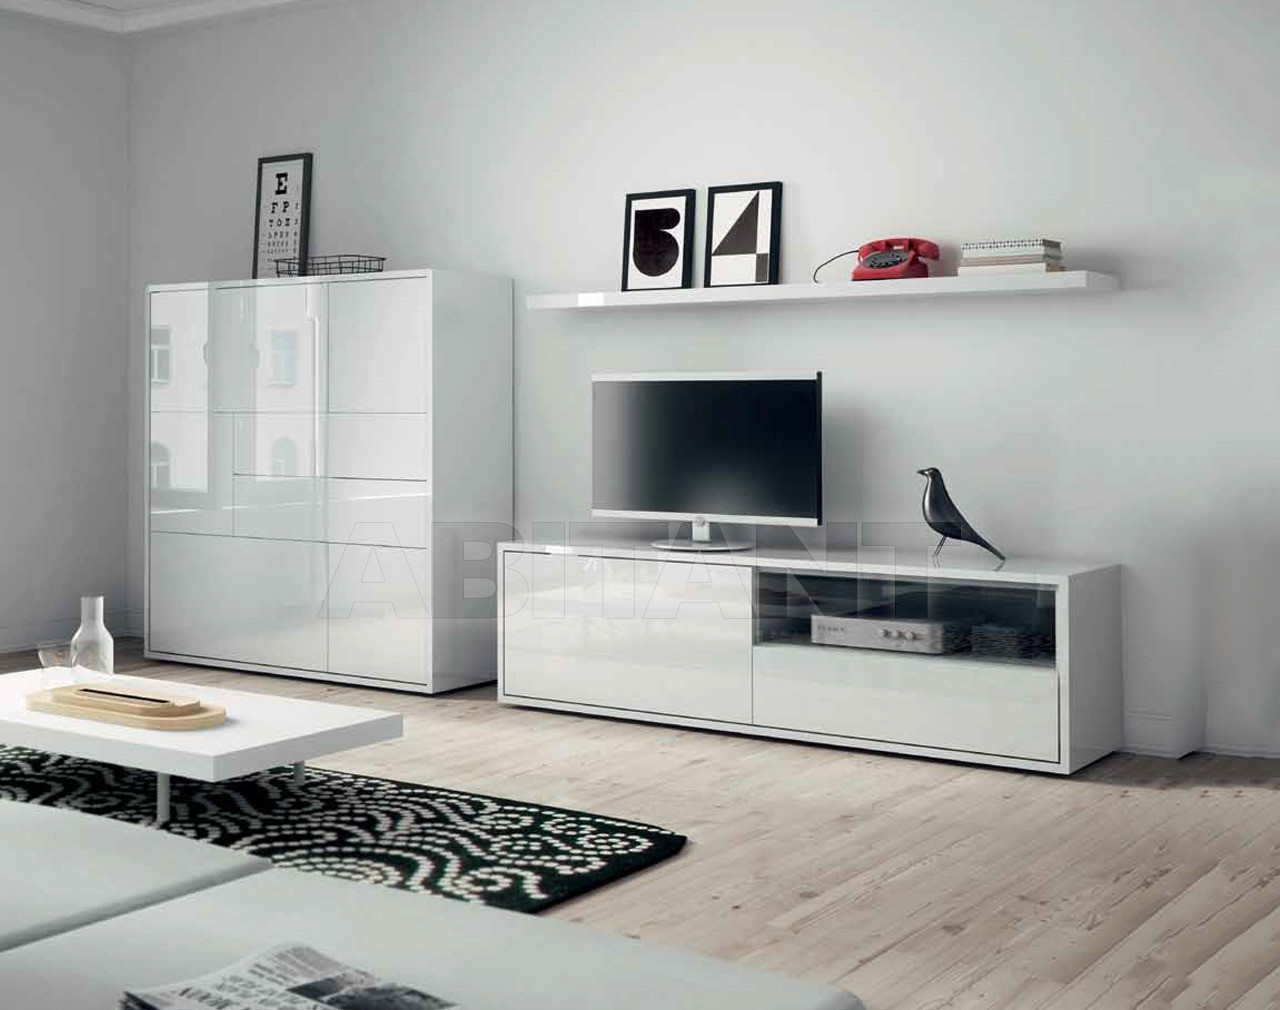 Купить Модульная система Arlex Design S.L. Freestyle COMPOSITION page 32-33